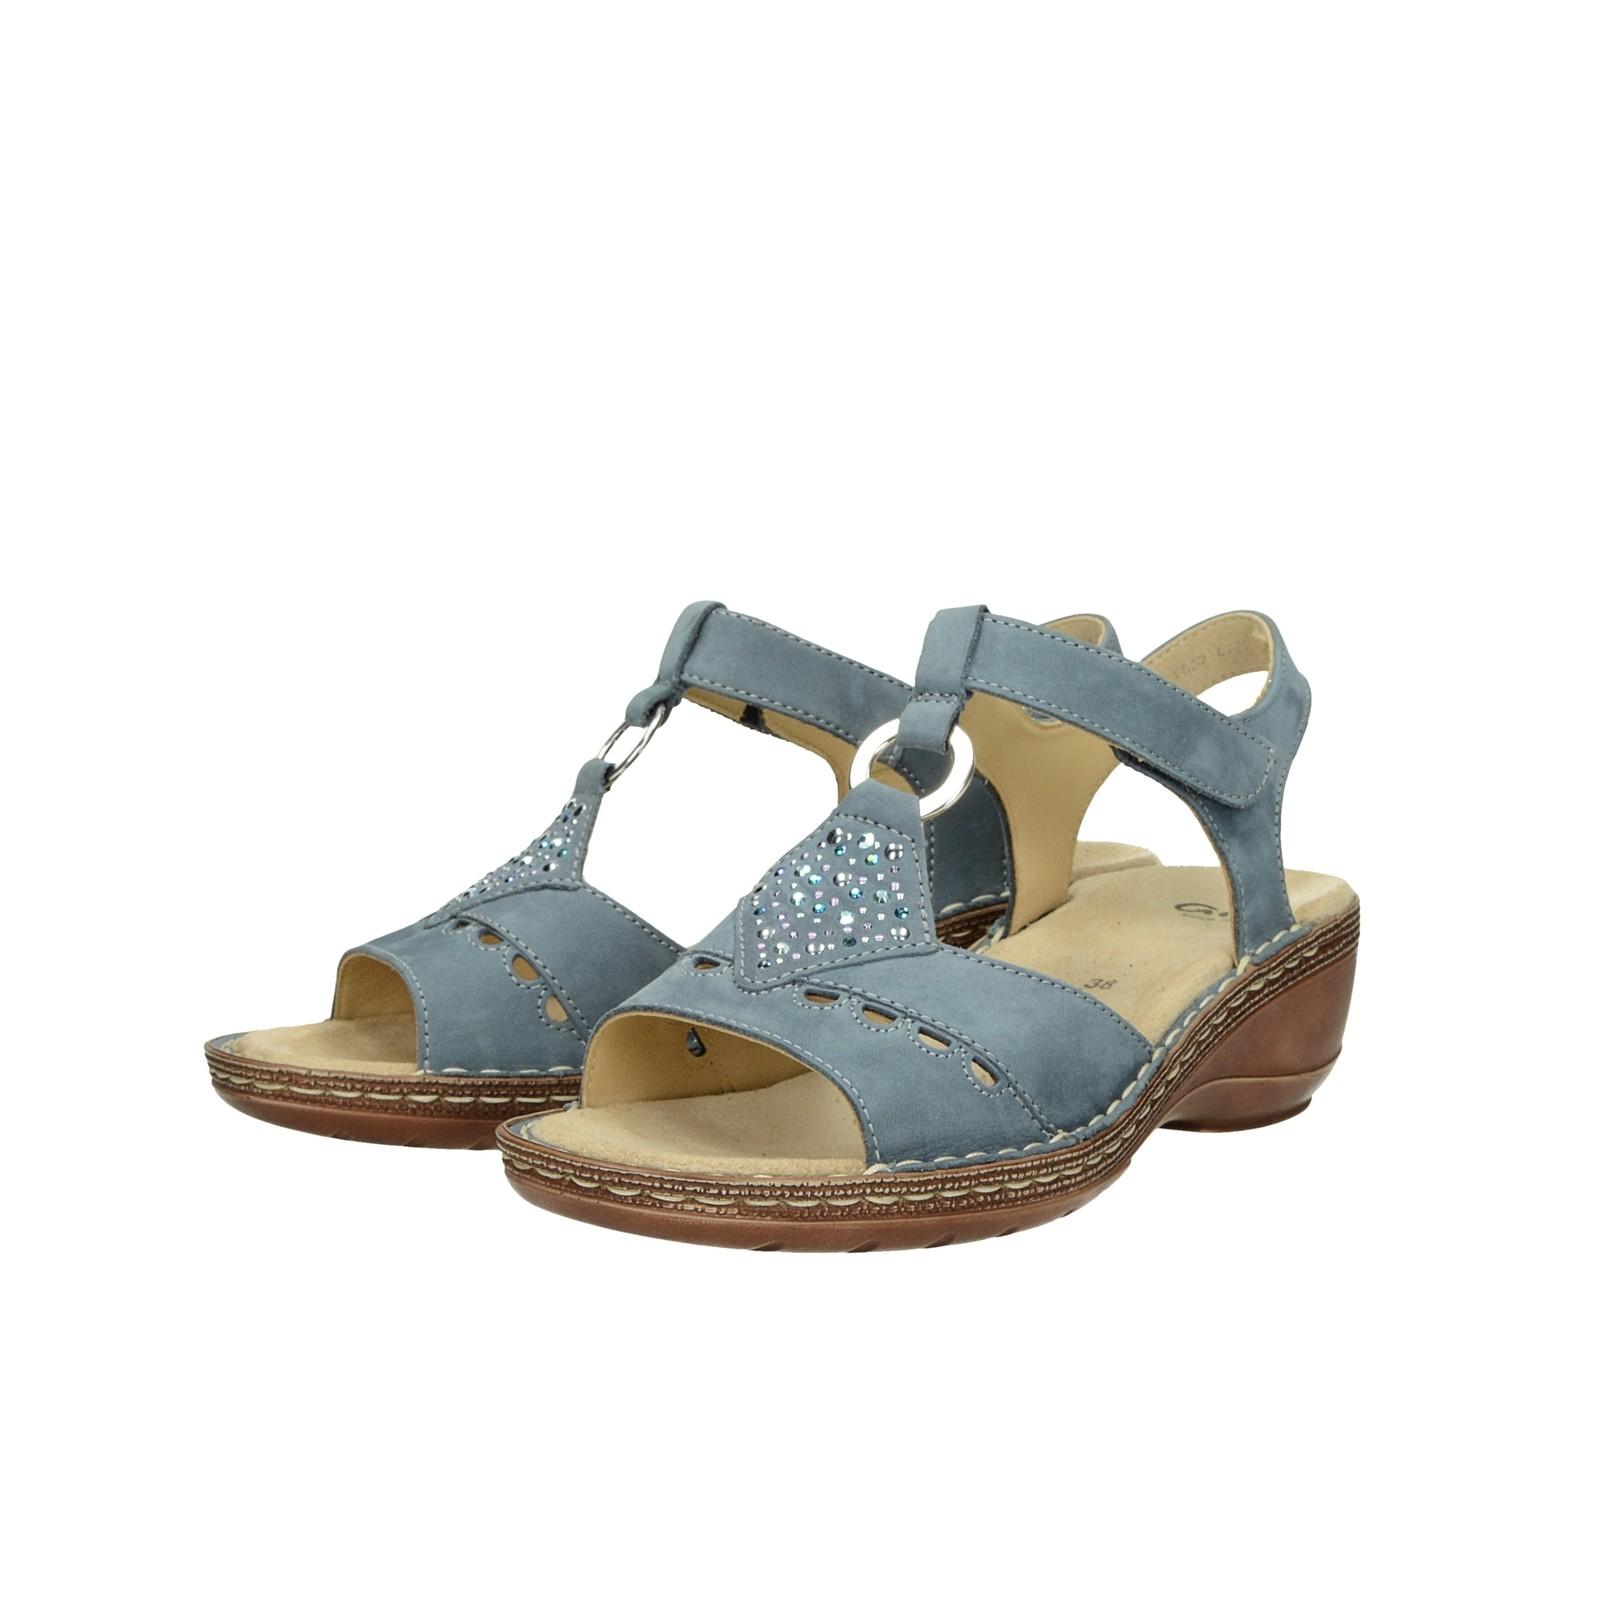 Ara dámské nubukové stylové sandály na suchý zip - modré